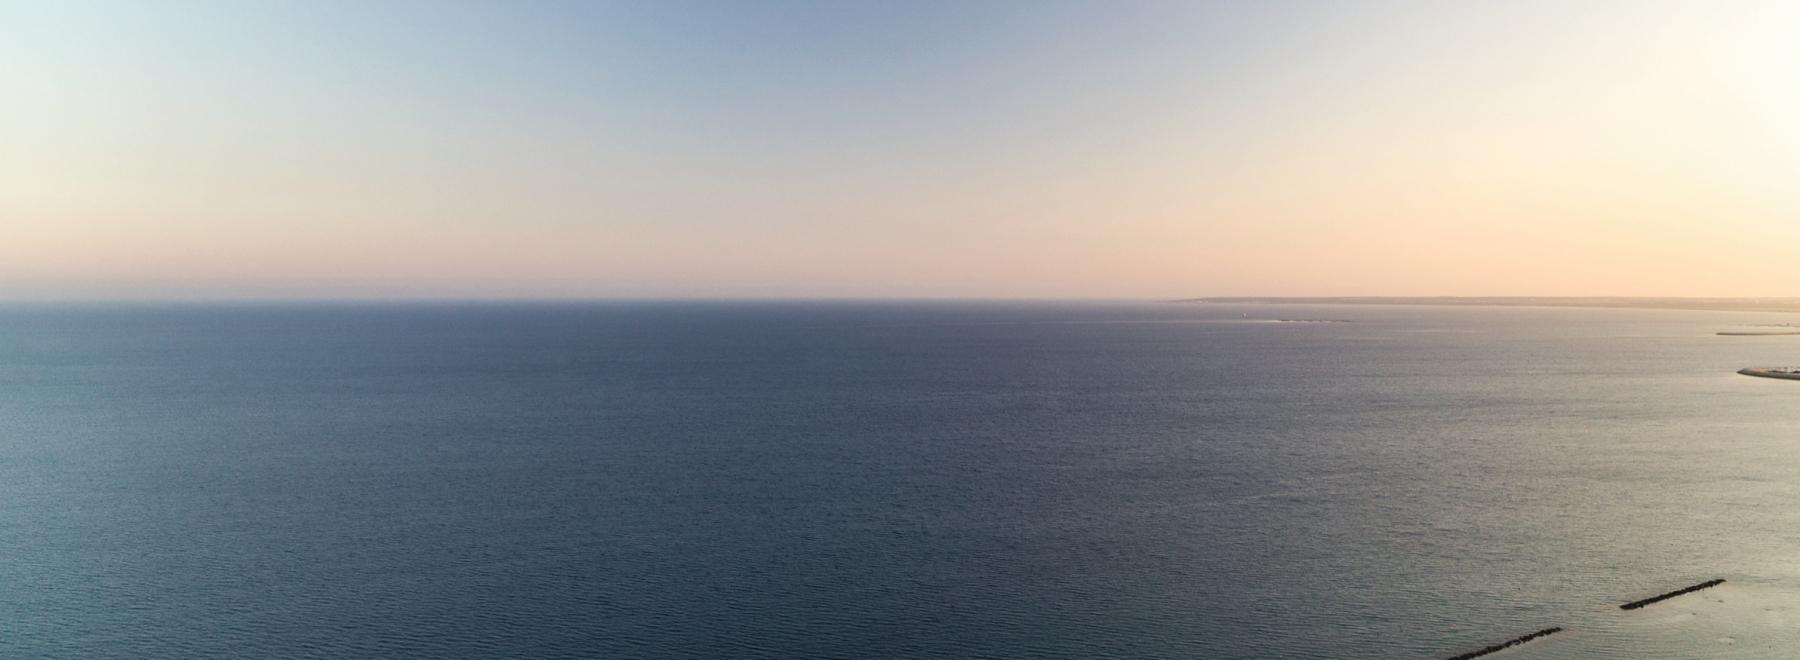 RivaKaia_Landscape_01